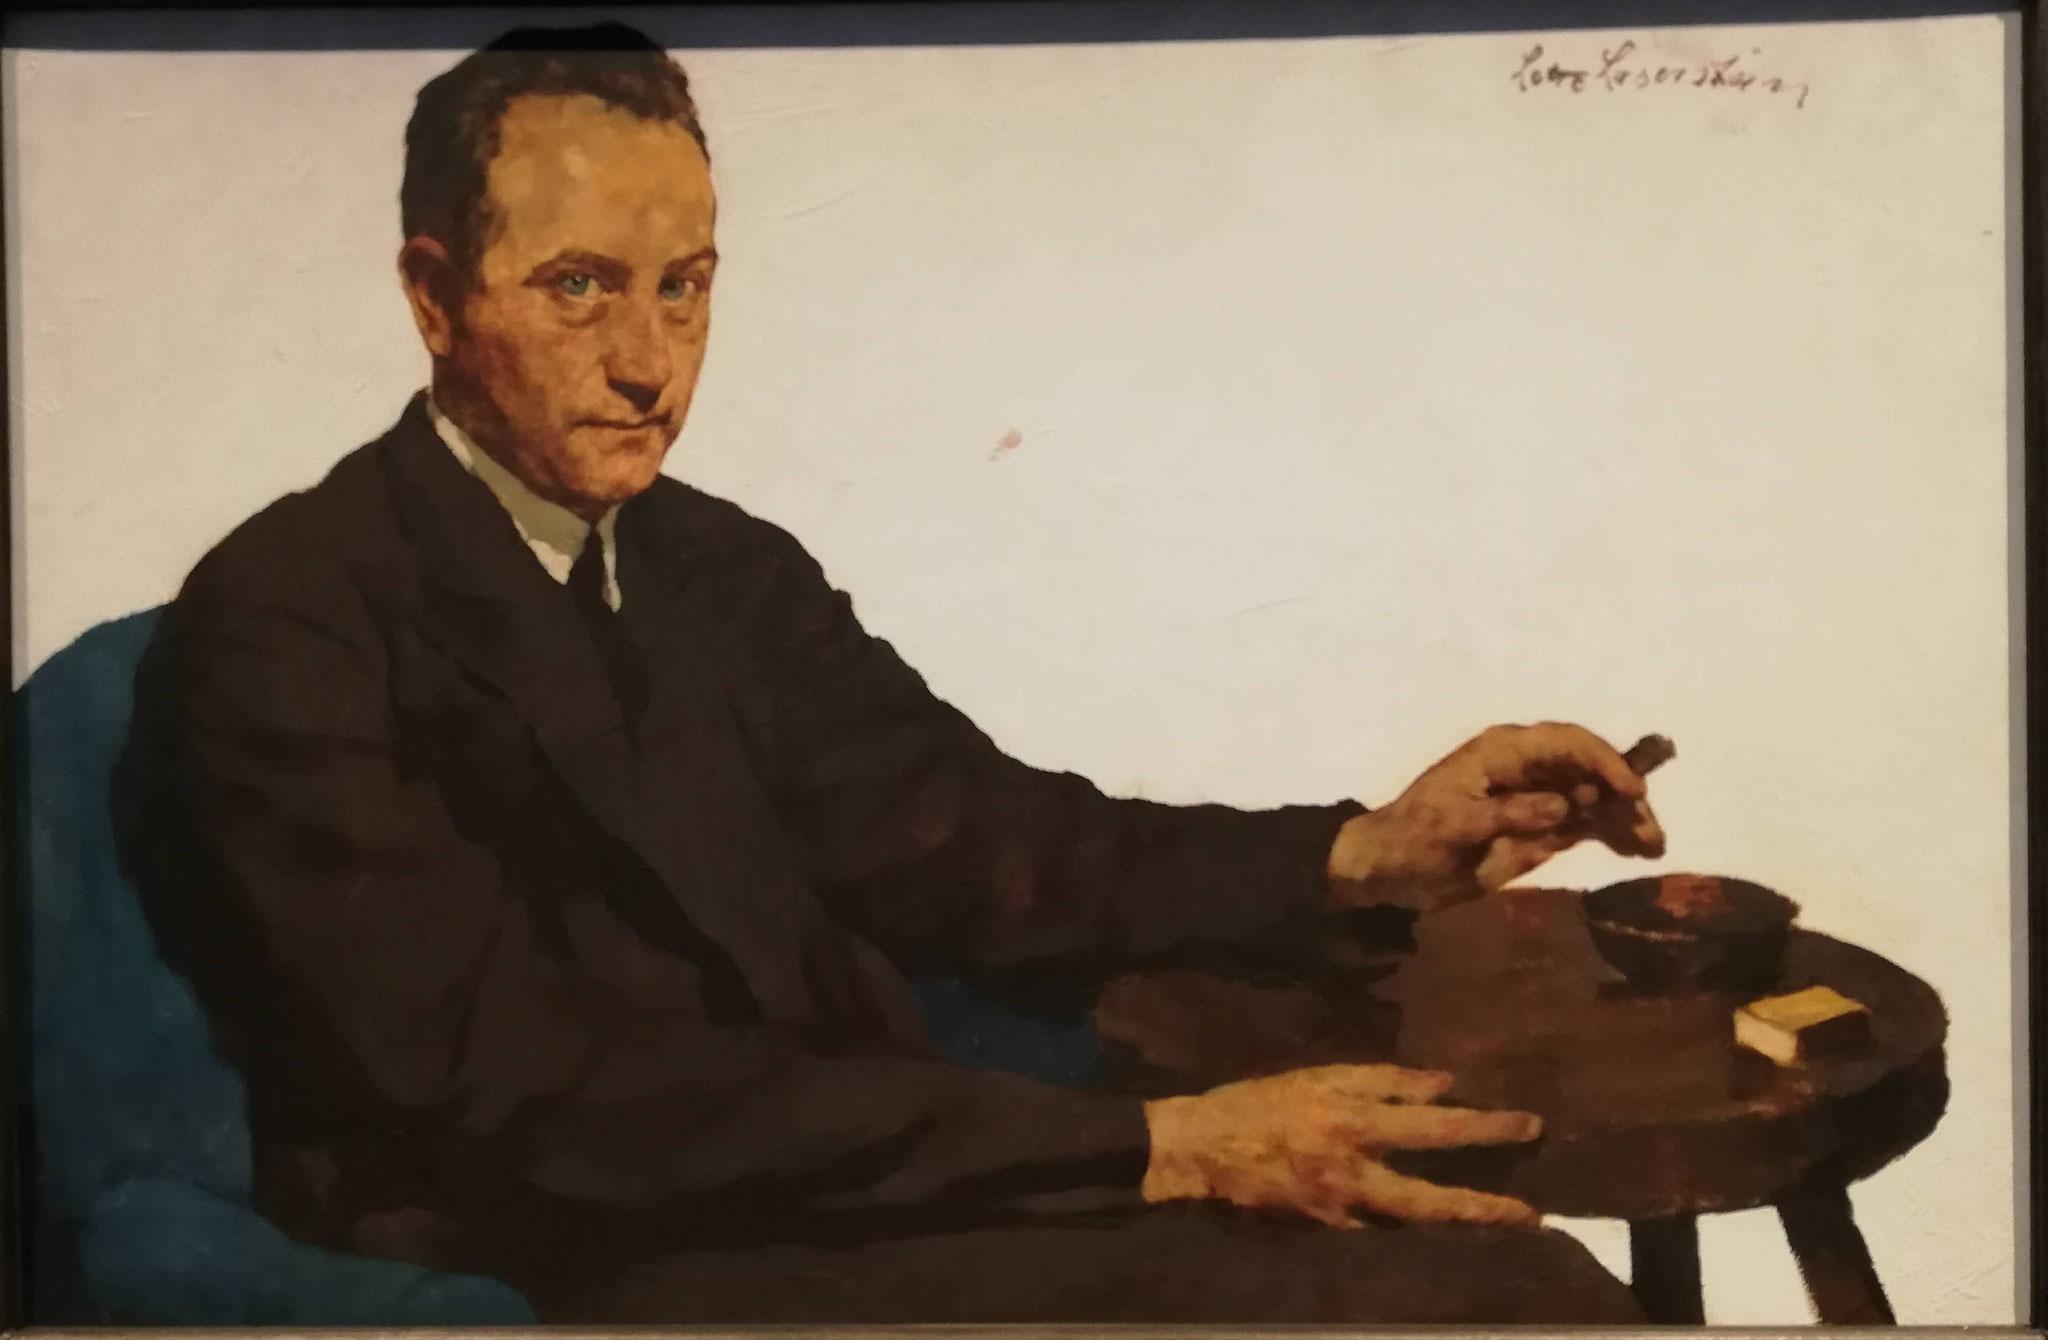 Lotte Laserstein, RFuchender Mann, 1930